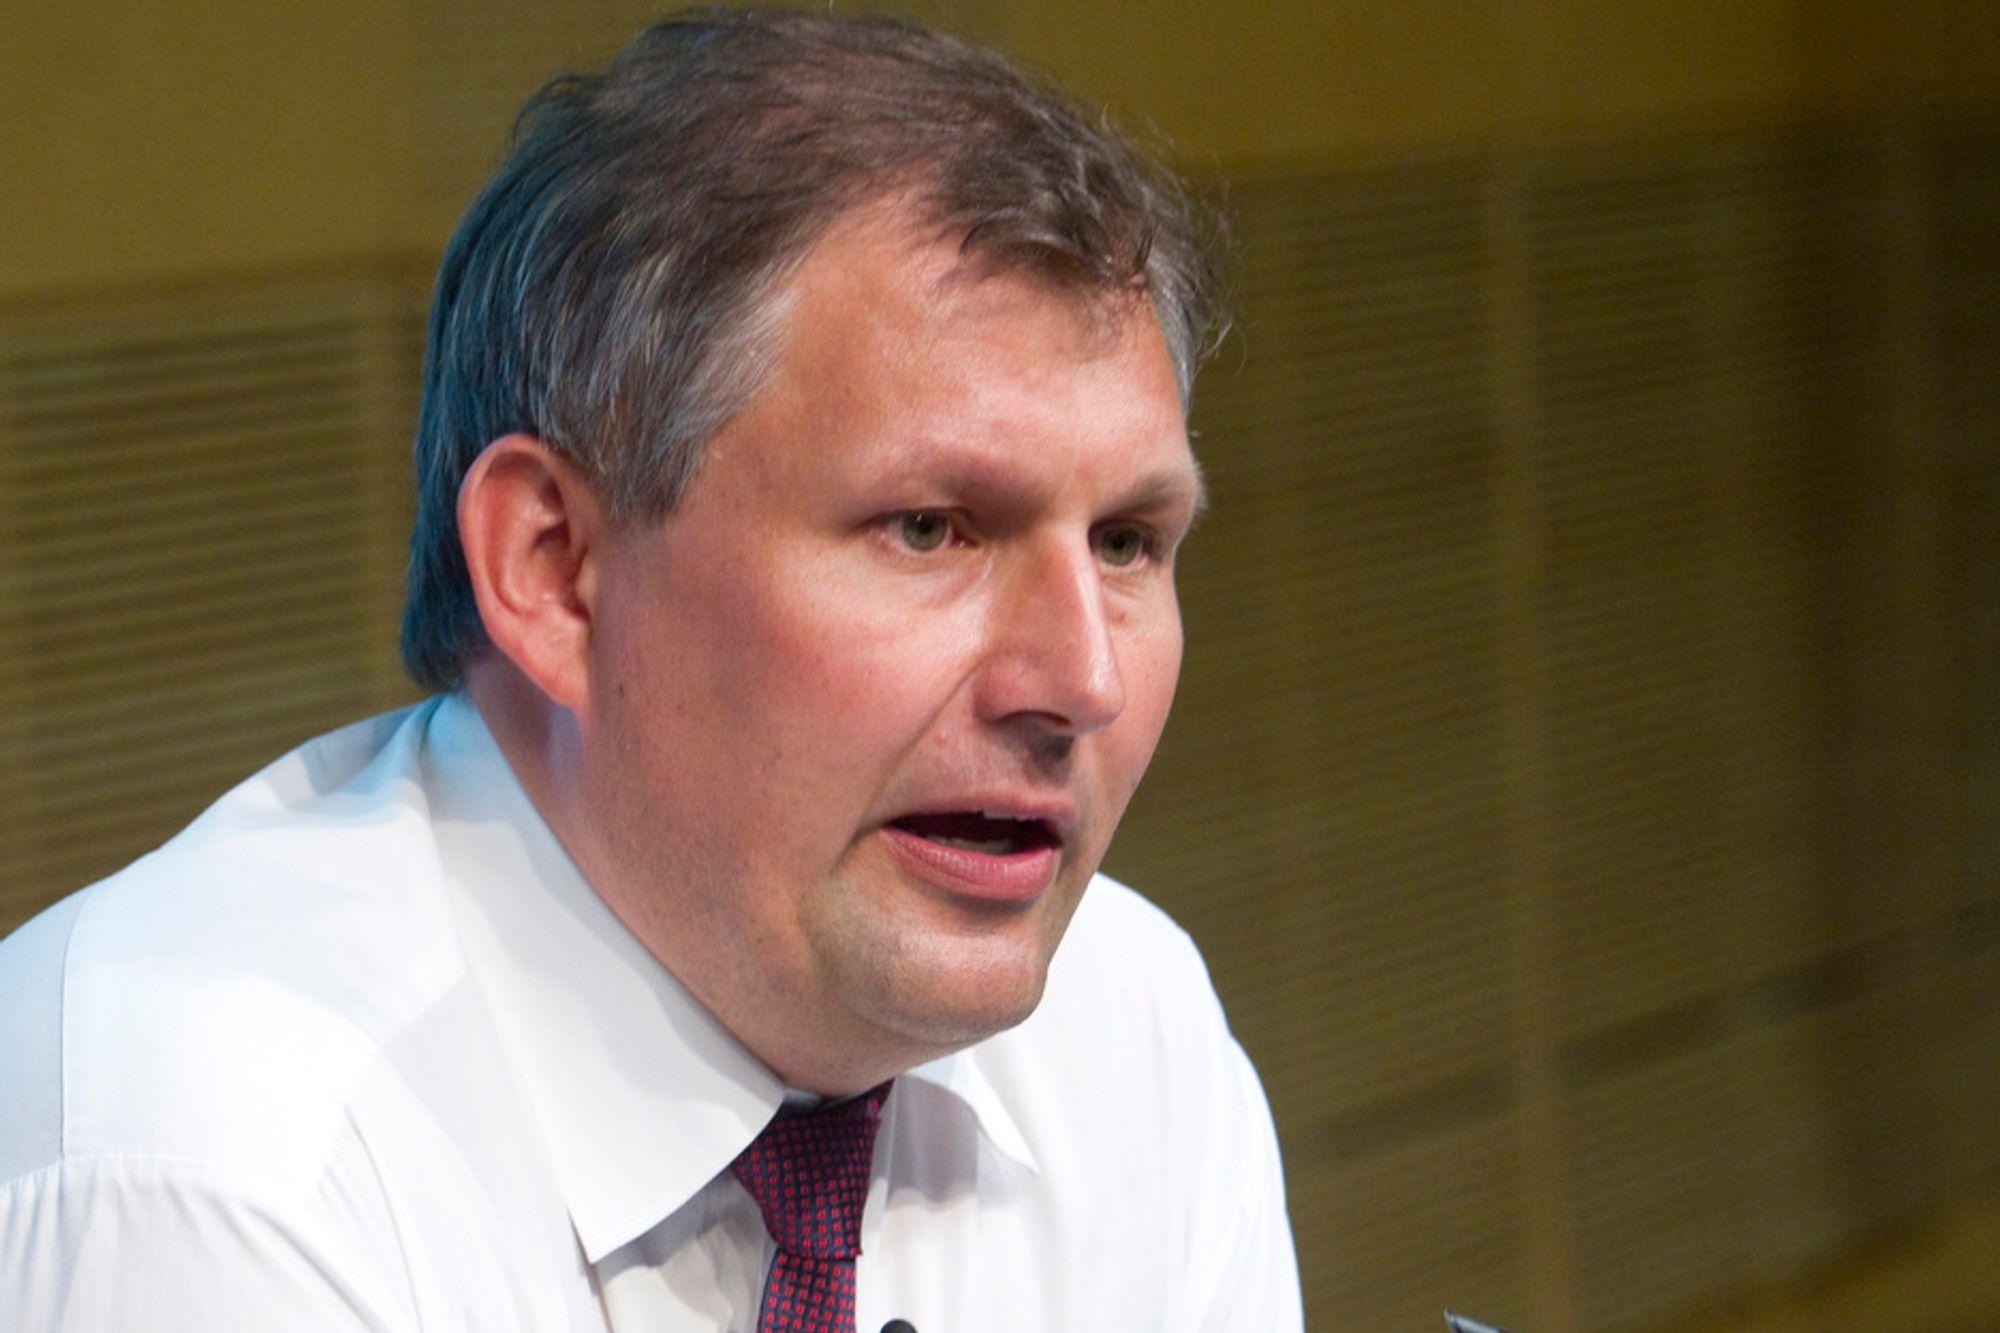 ENKEL LØSNING? Olje- og energiminister Terje Riis-Johansen skal etter planen legge fram en endelig beslutning for den videre prosessen denne uken. Departementet håper å slippe unna med å bestille delrapporter de selv kan gjennomgå.